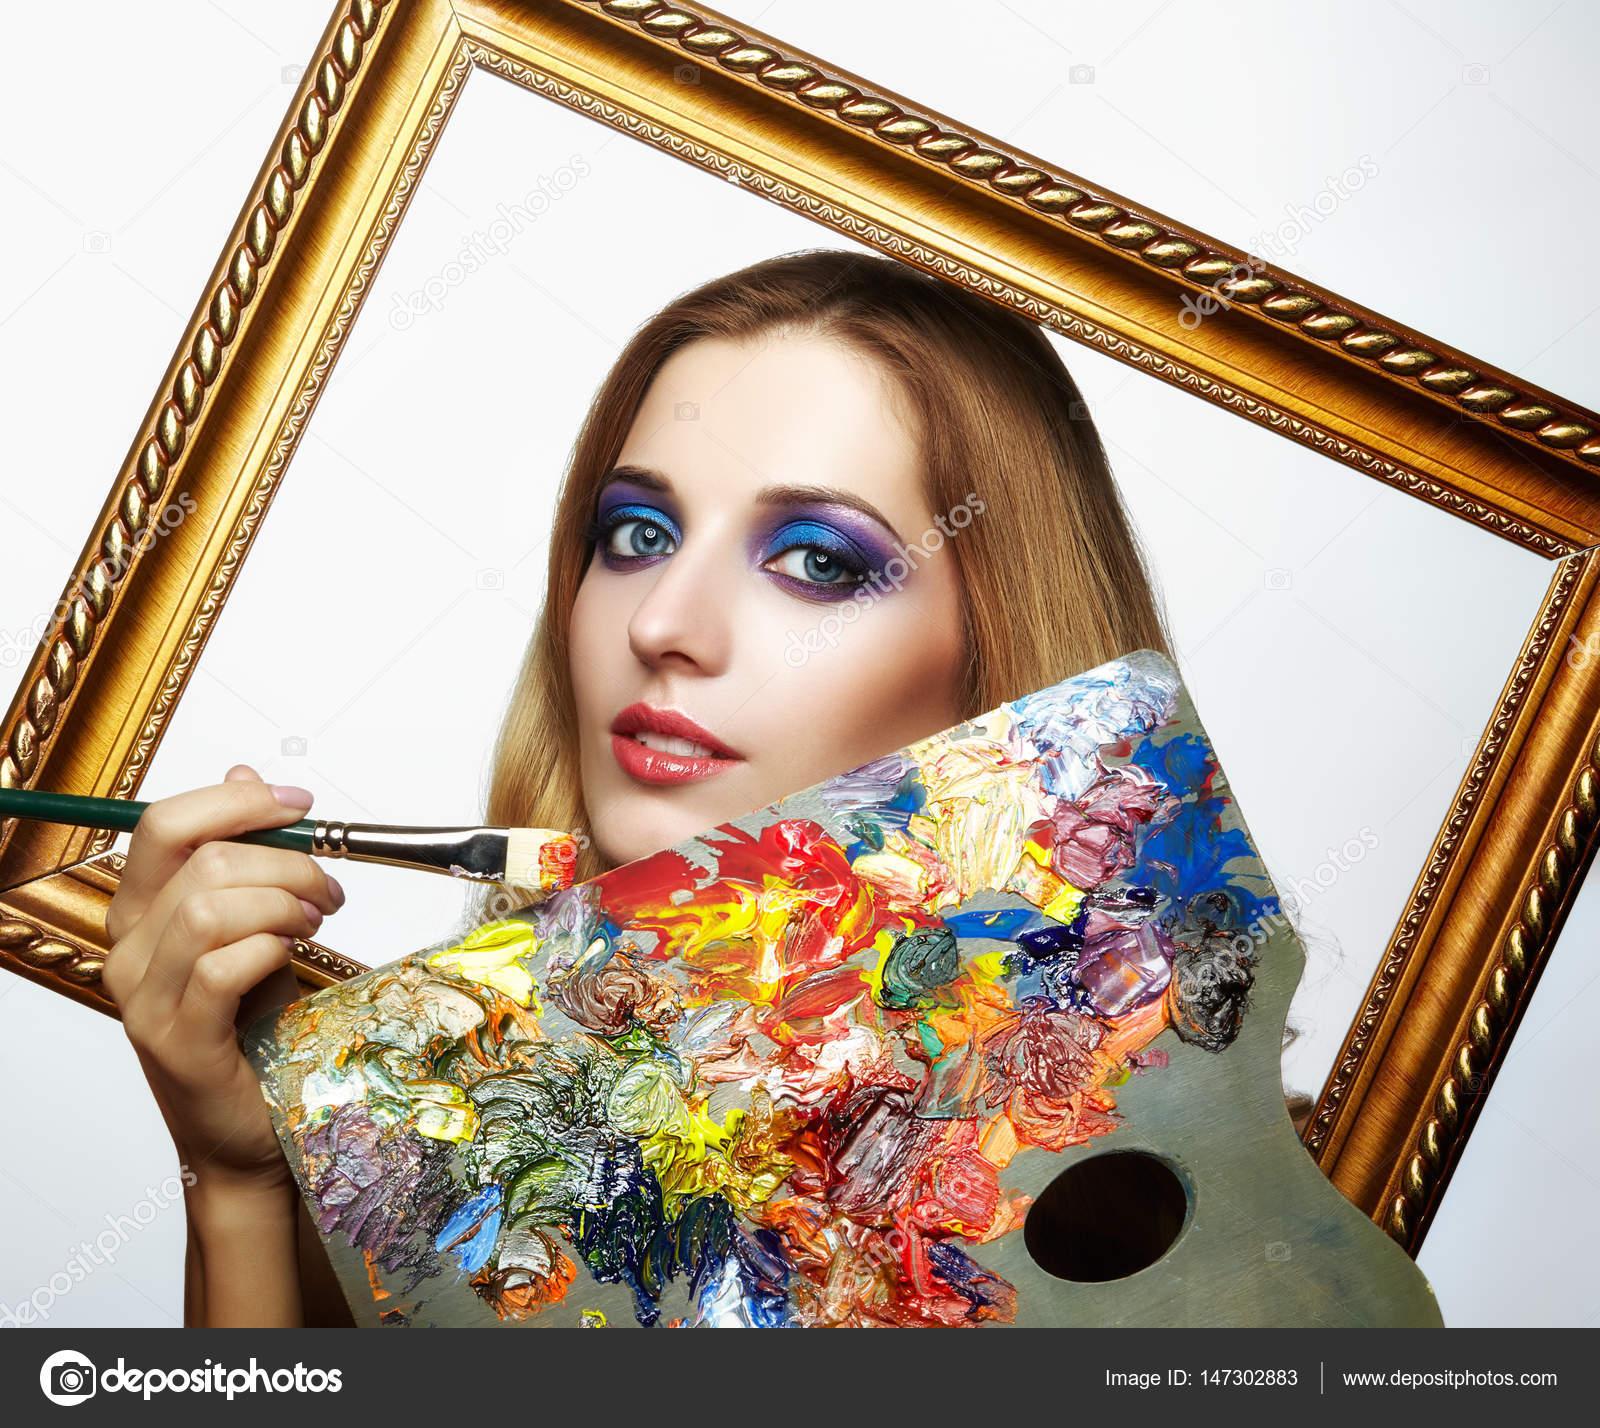 Junge Malerin im Goldrahmen mit Farbpalette und Farbe — Stockfoto ...